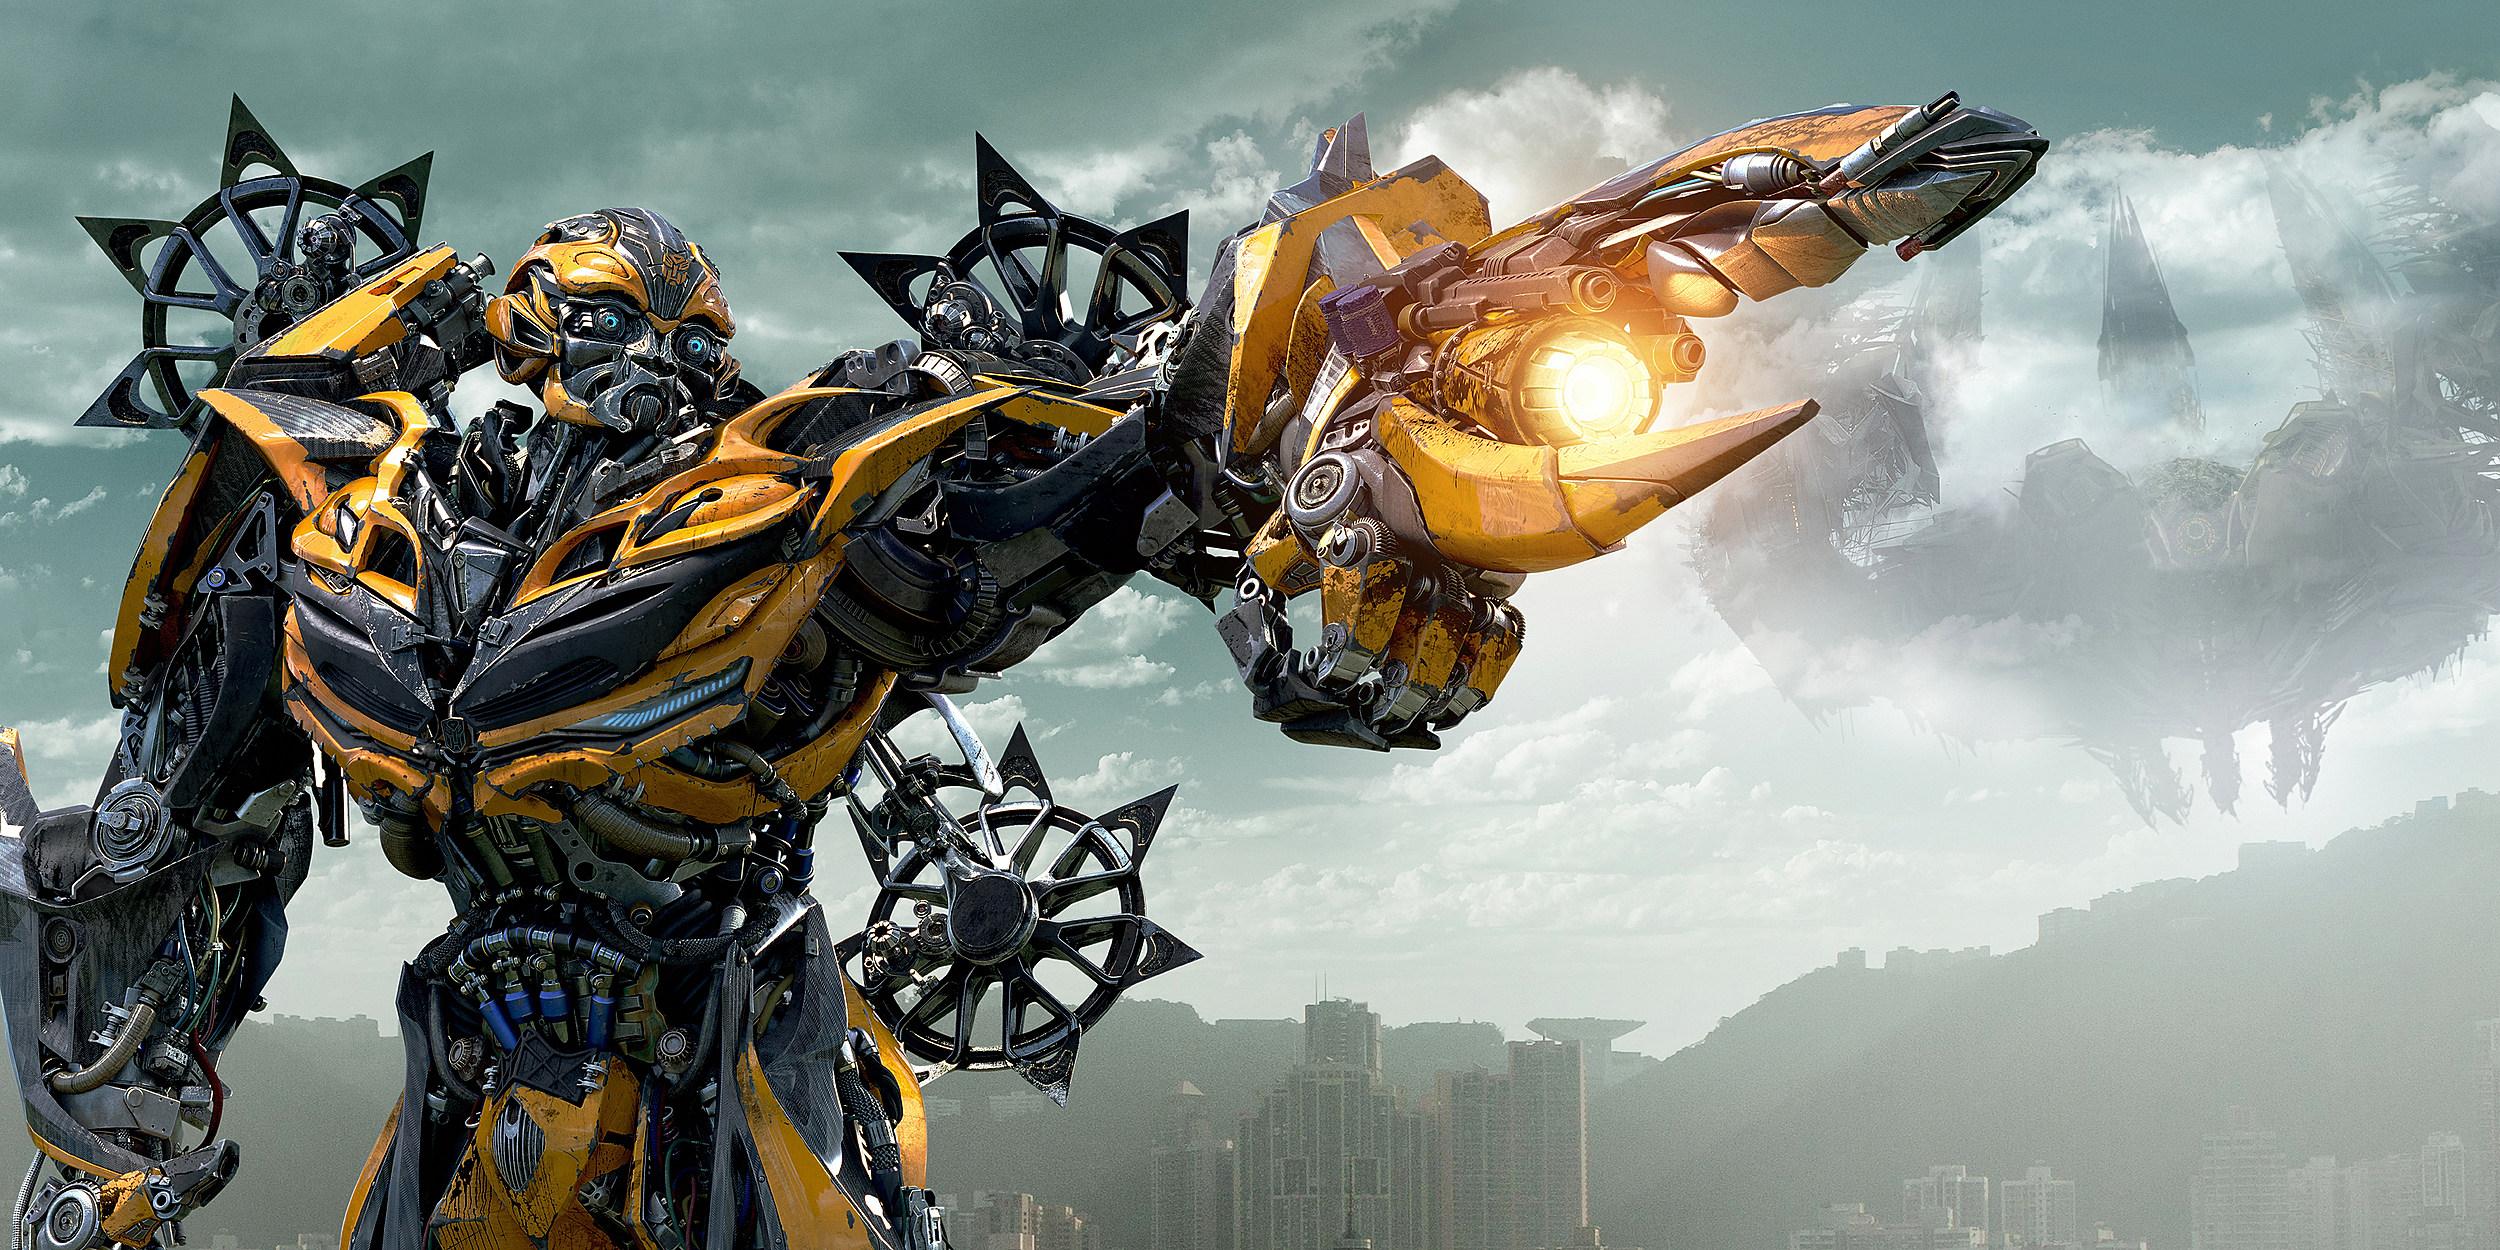 Transformers 4 Pics Autobots Bumblebee